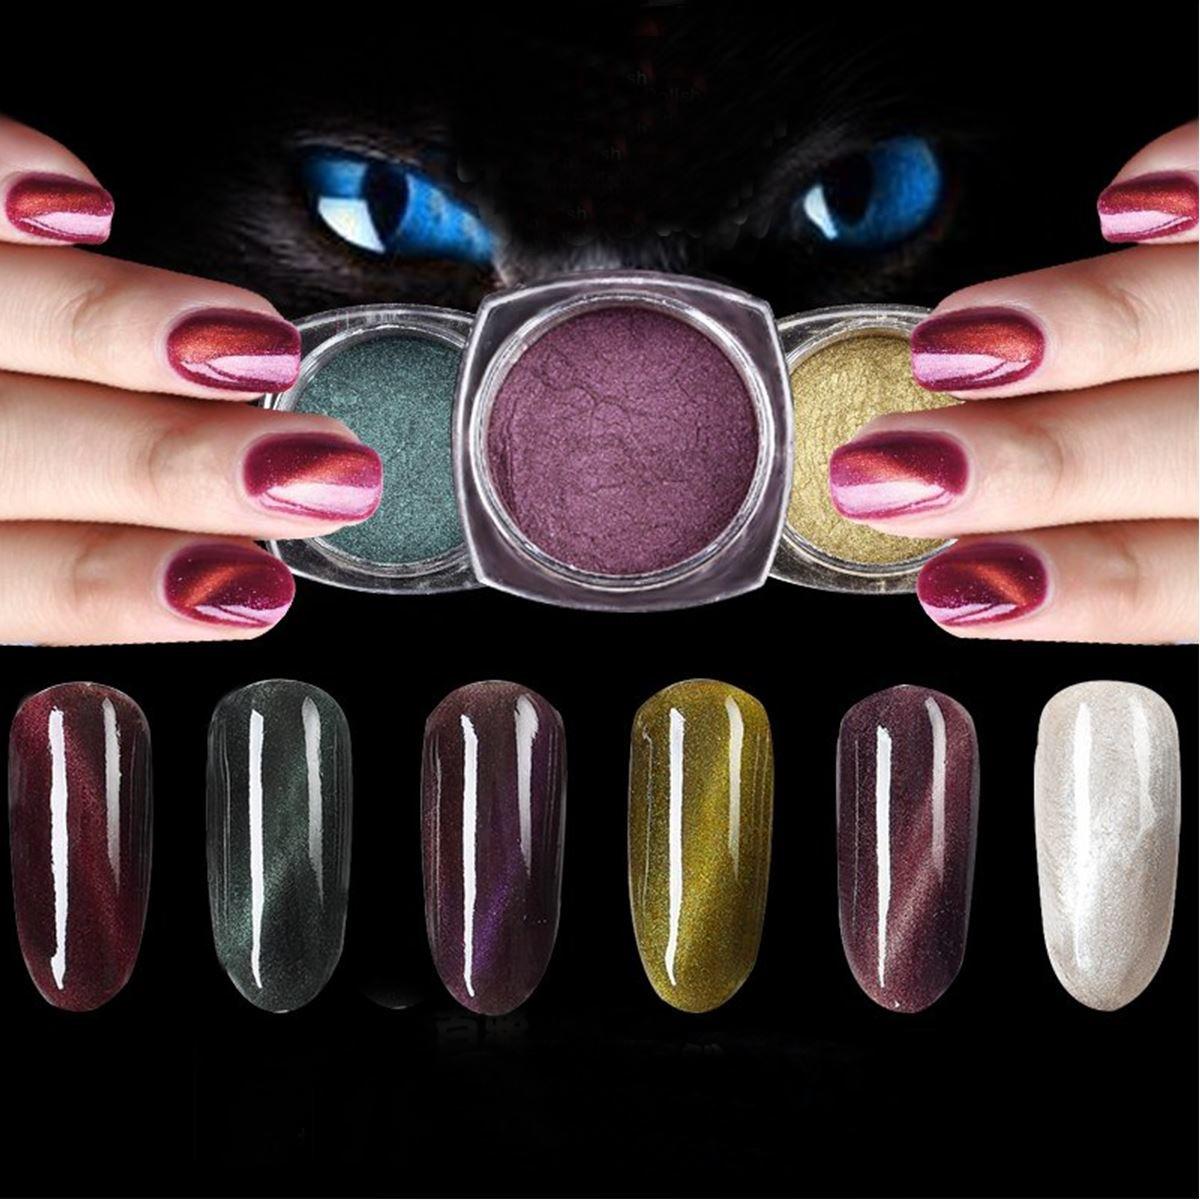 Pin by Anastasiya Raevskaya on nails Nails, Beauty